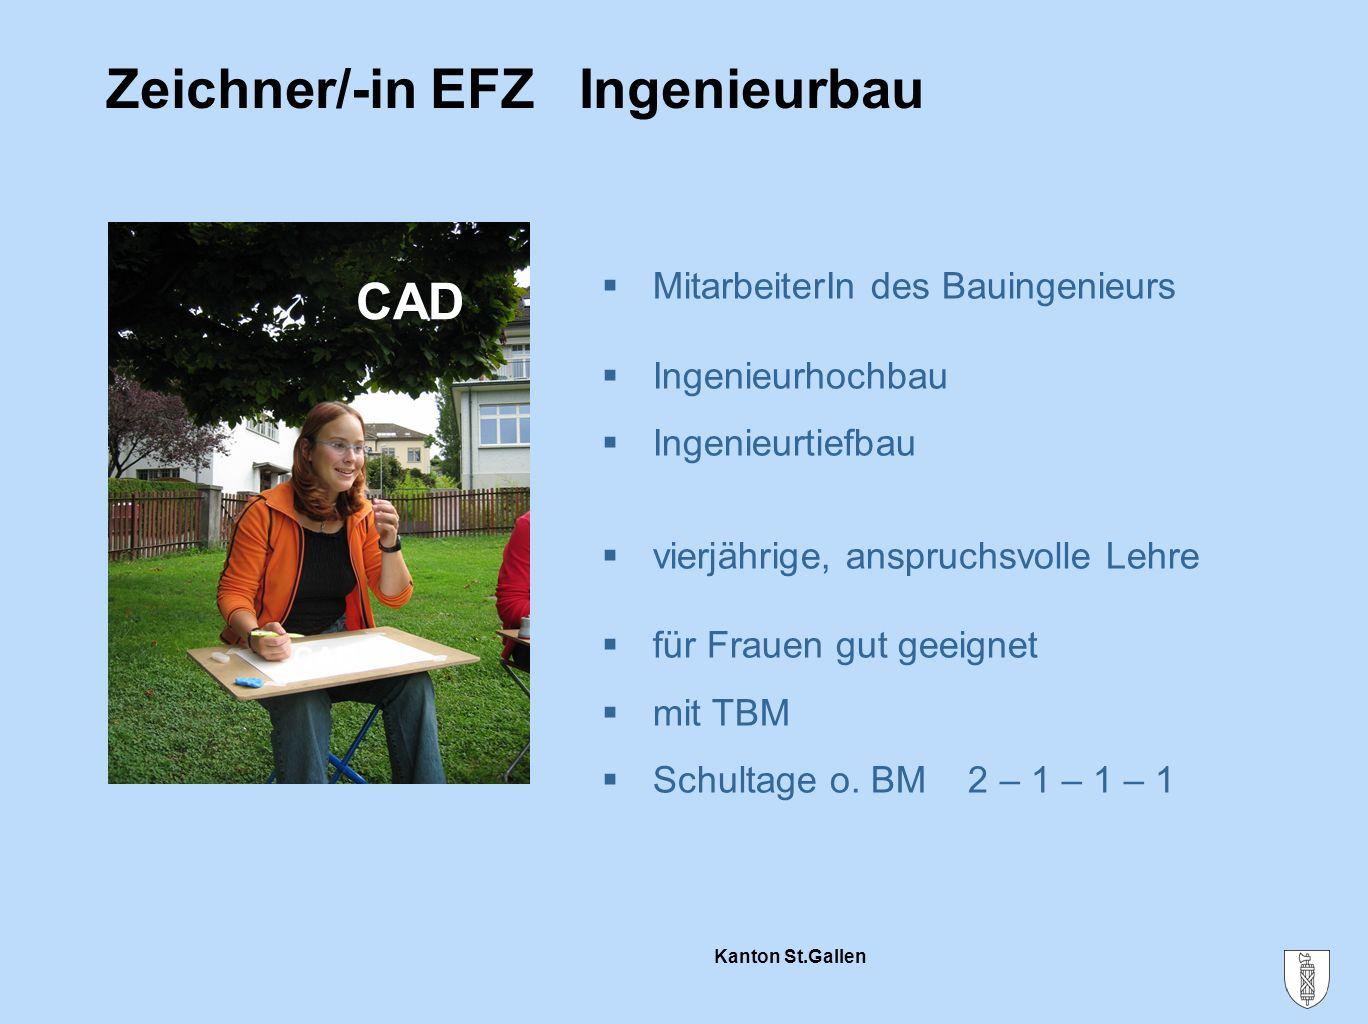 Zeichner/-in EFZ Ingenieurbau